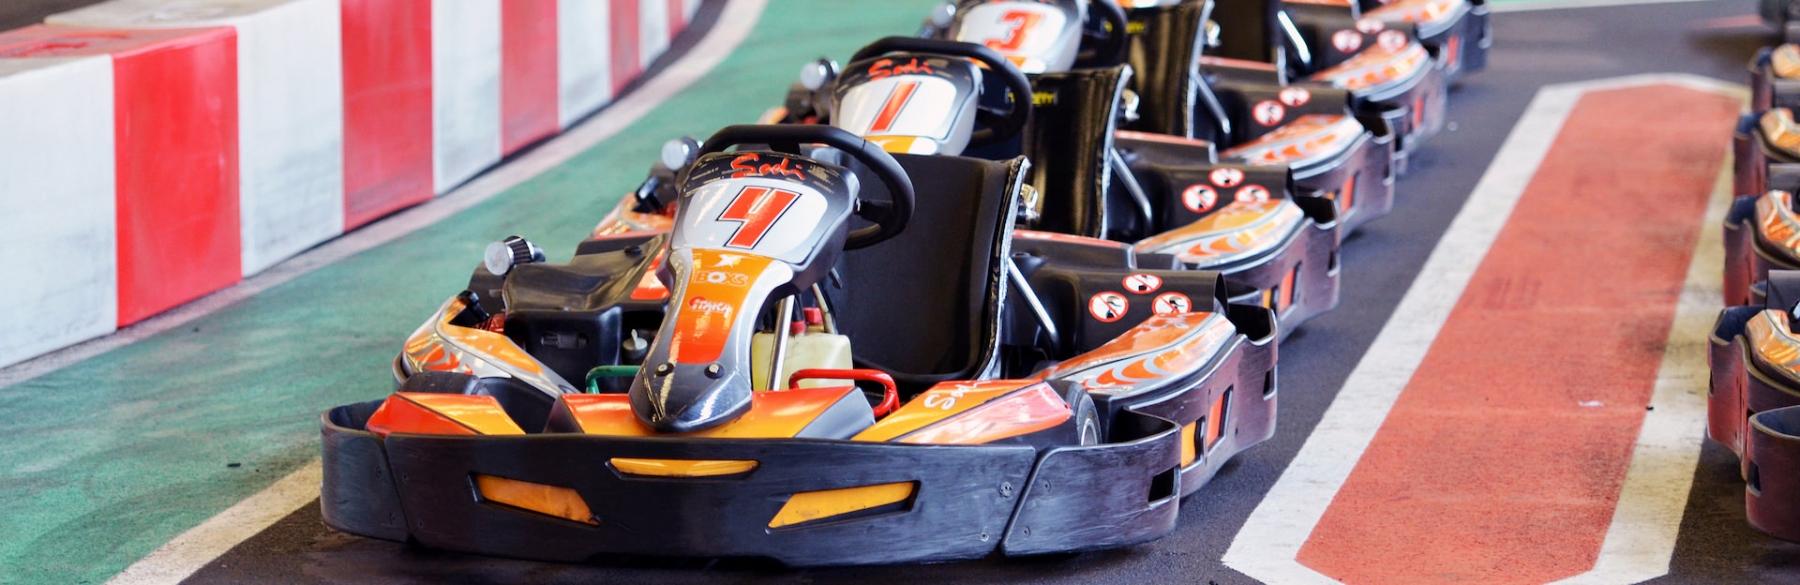 karts-enfants-indoor-karting-nantes_w1920